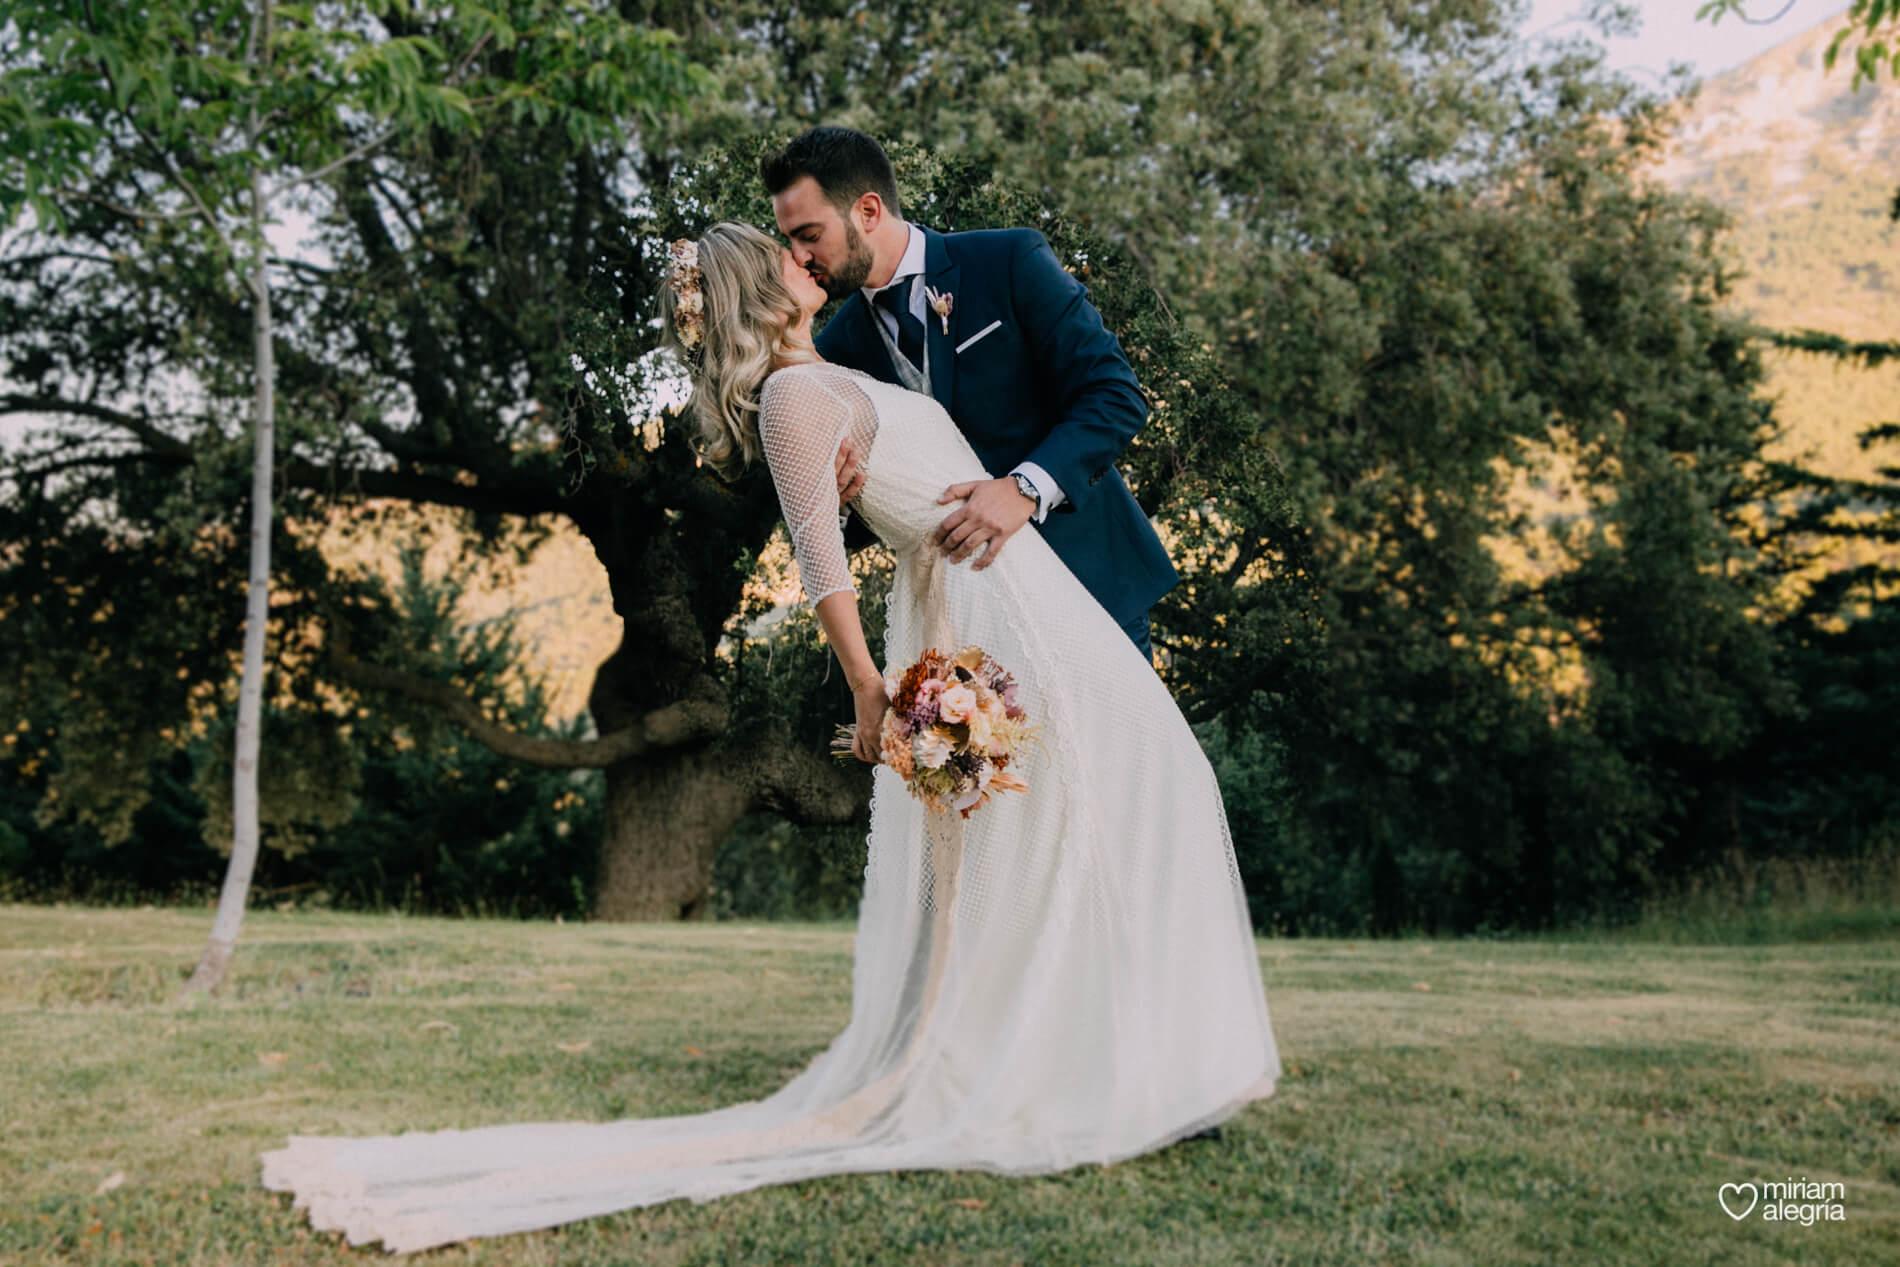 boda-en-collados-miriam-alegria-cayetana-ferrer-73